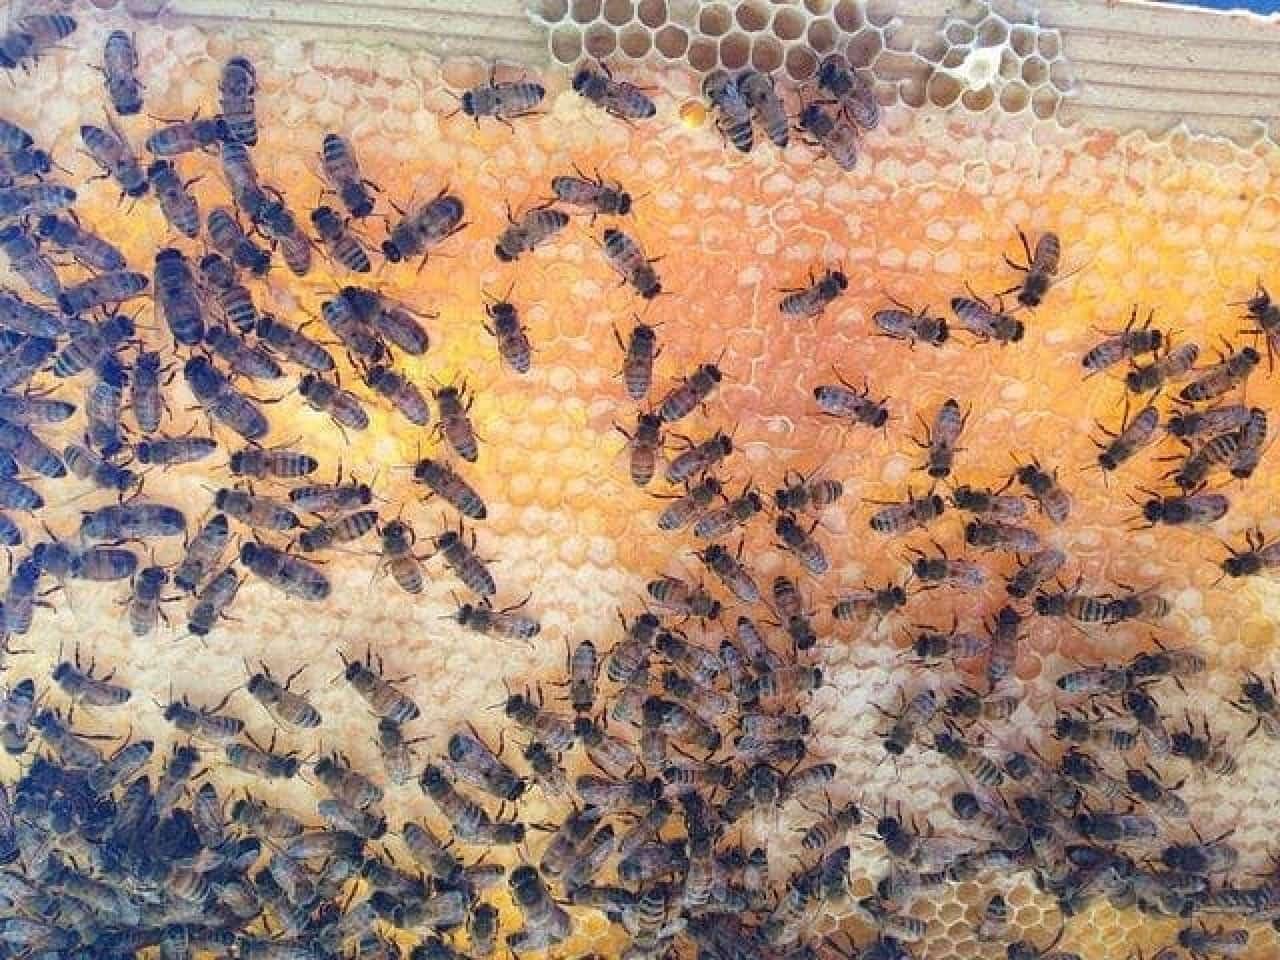 近大ハニーを採るためのミツバチ